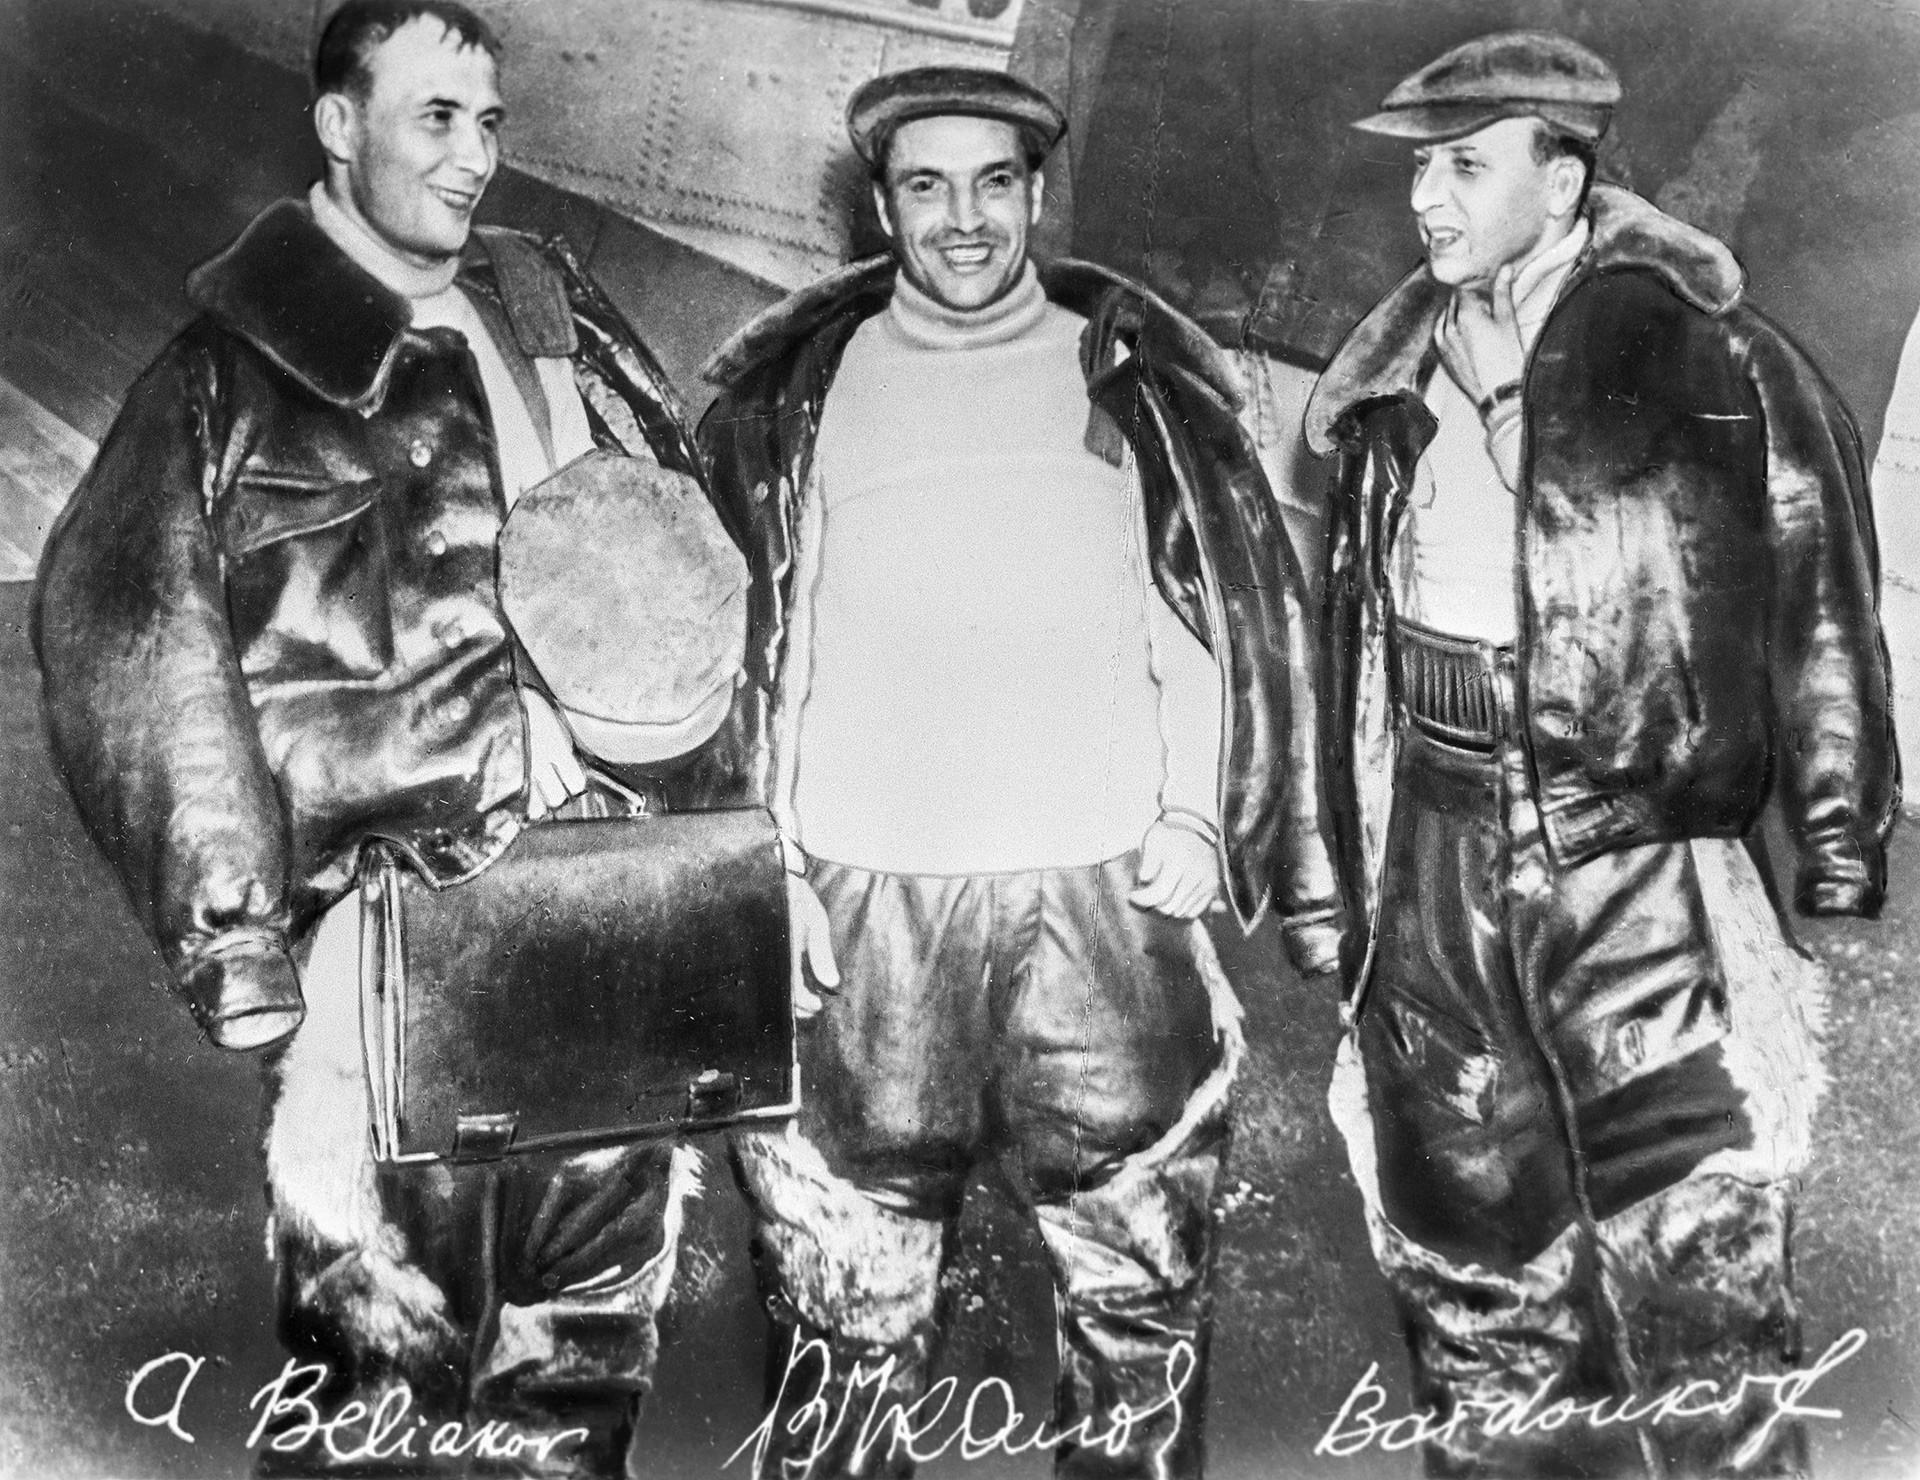 モスクワー北極ーバンクーバ(ワシントン州、米国)という記録的な飛行を行ったソ連邦英雄、アレクサンドル・べリャコフ、ヴァレリー・チカロフ、ゲオルギー・バイドゥコフ。